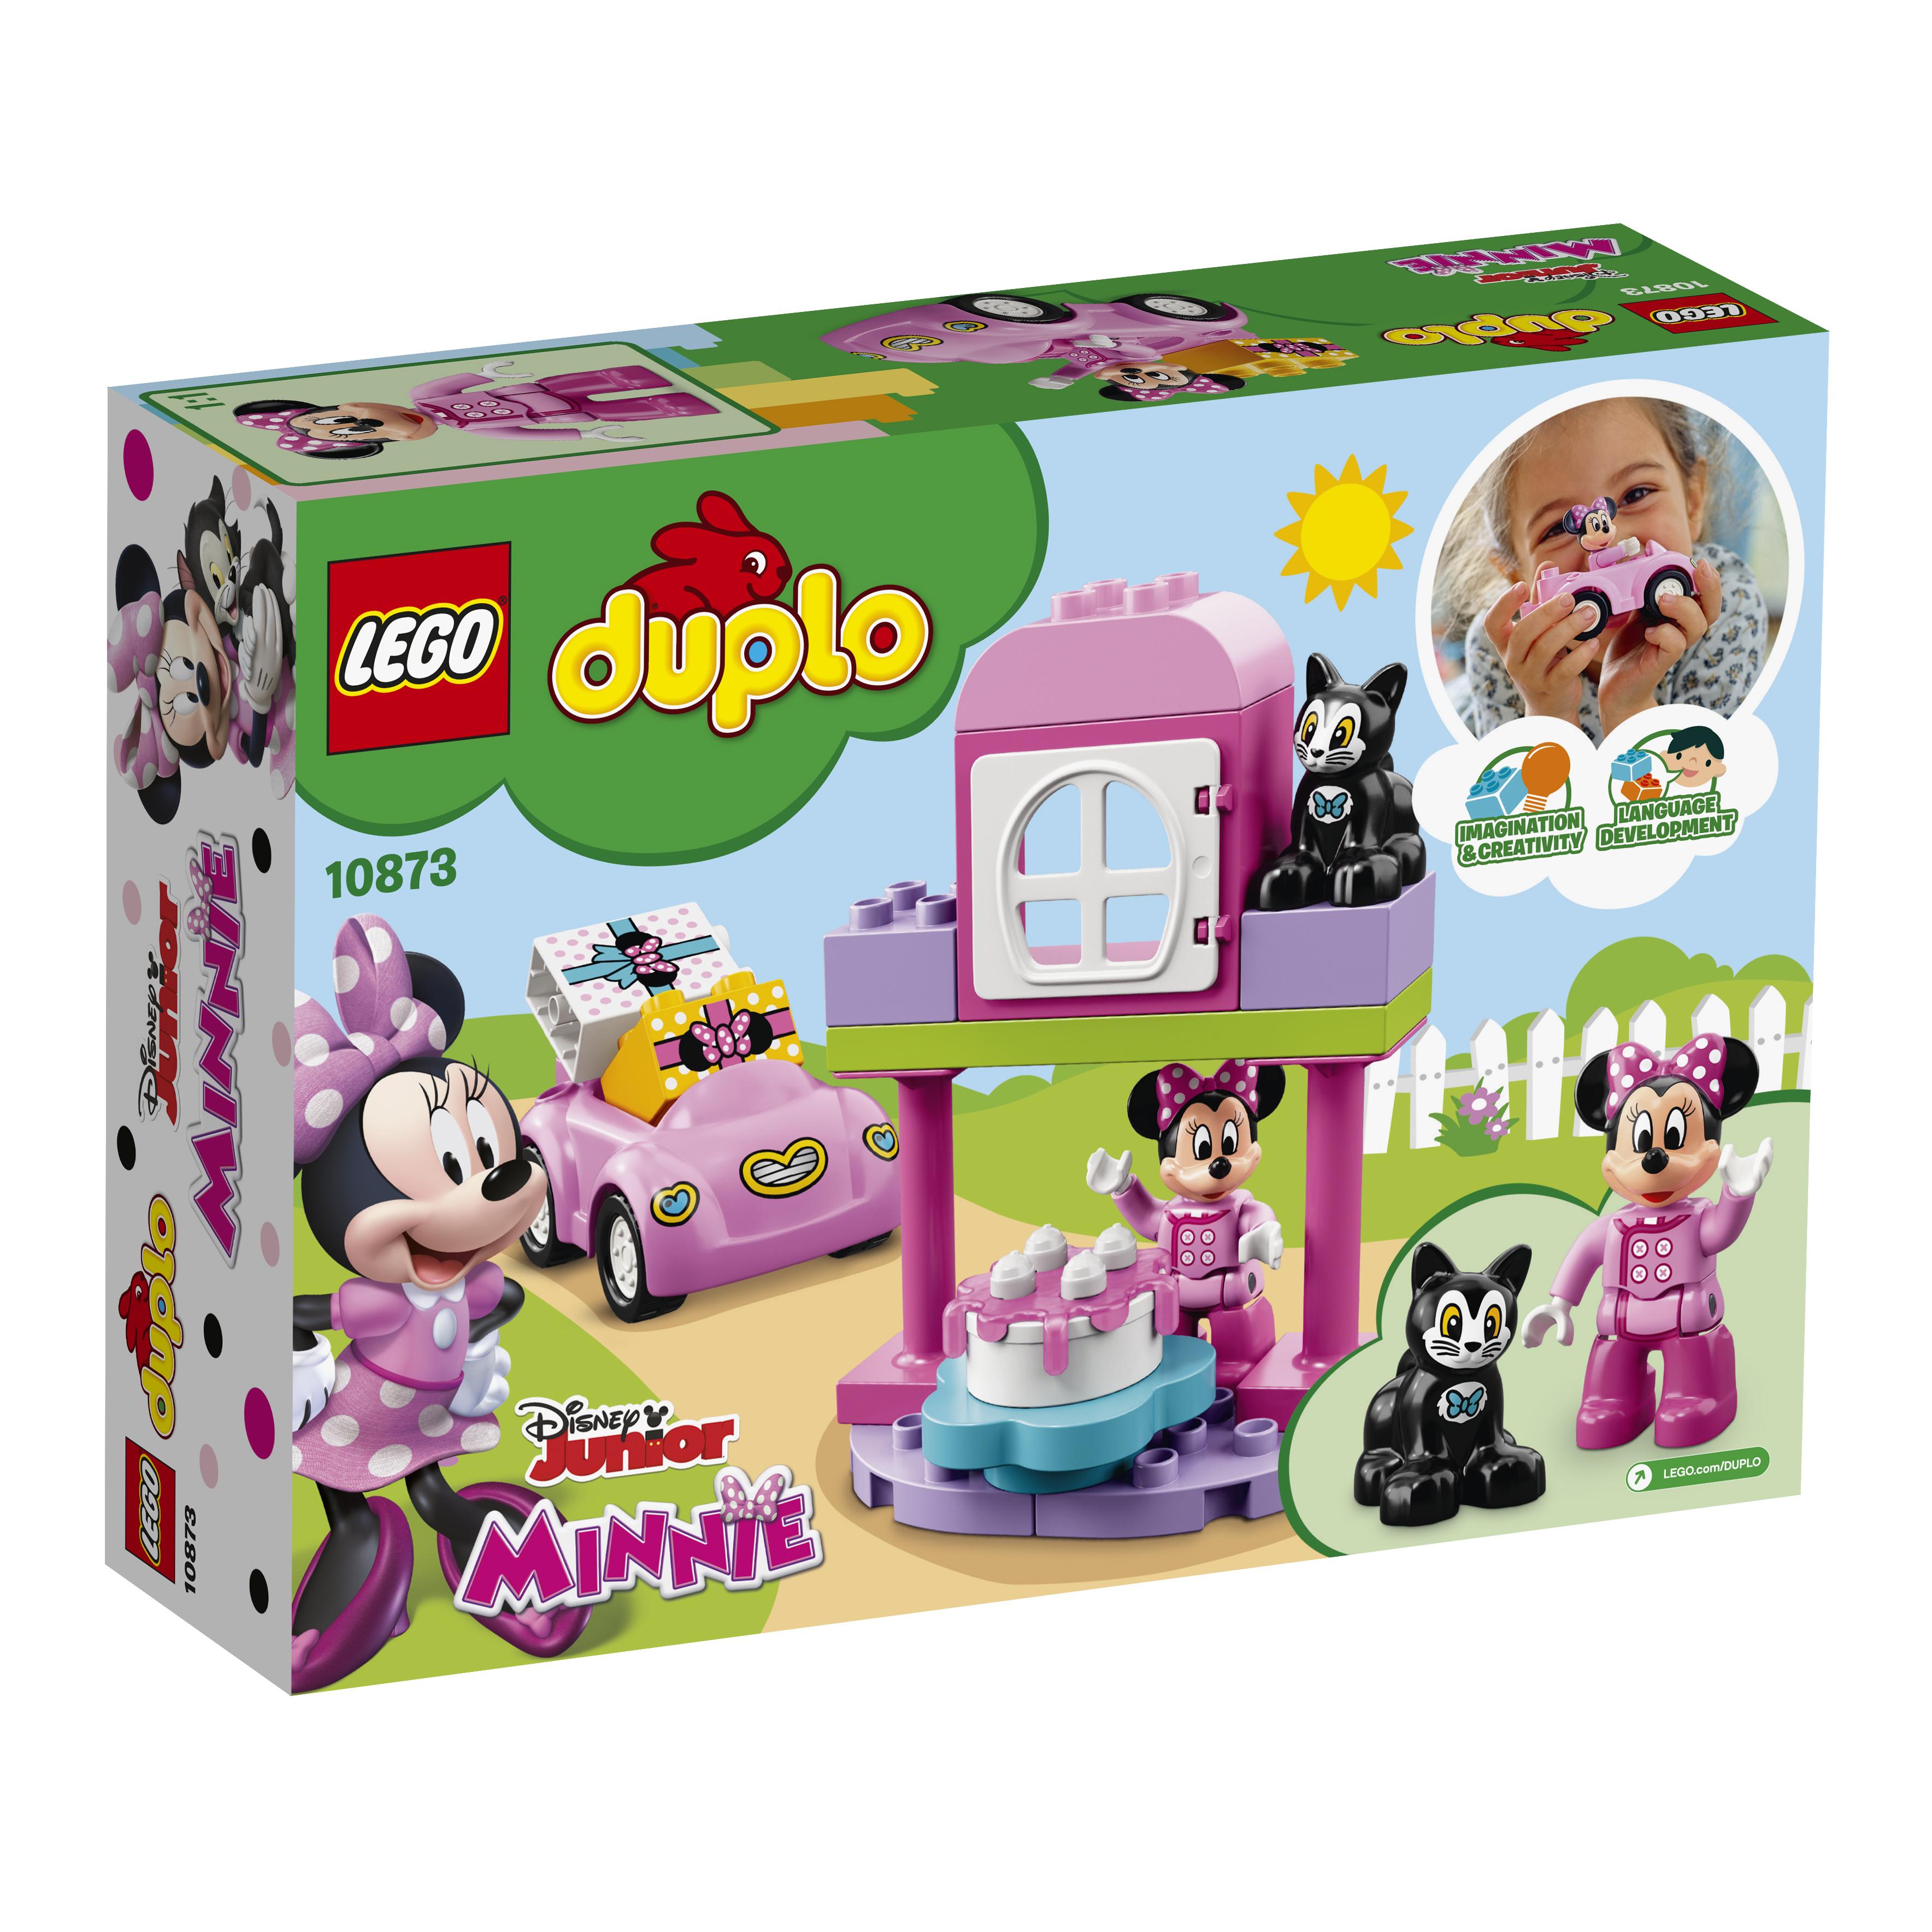 Конструктор LEGO 10873 День рождения Минни lego duplo lego 10873 день рождения минни